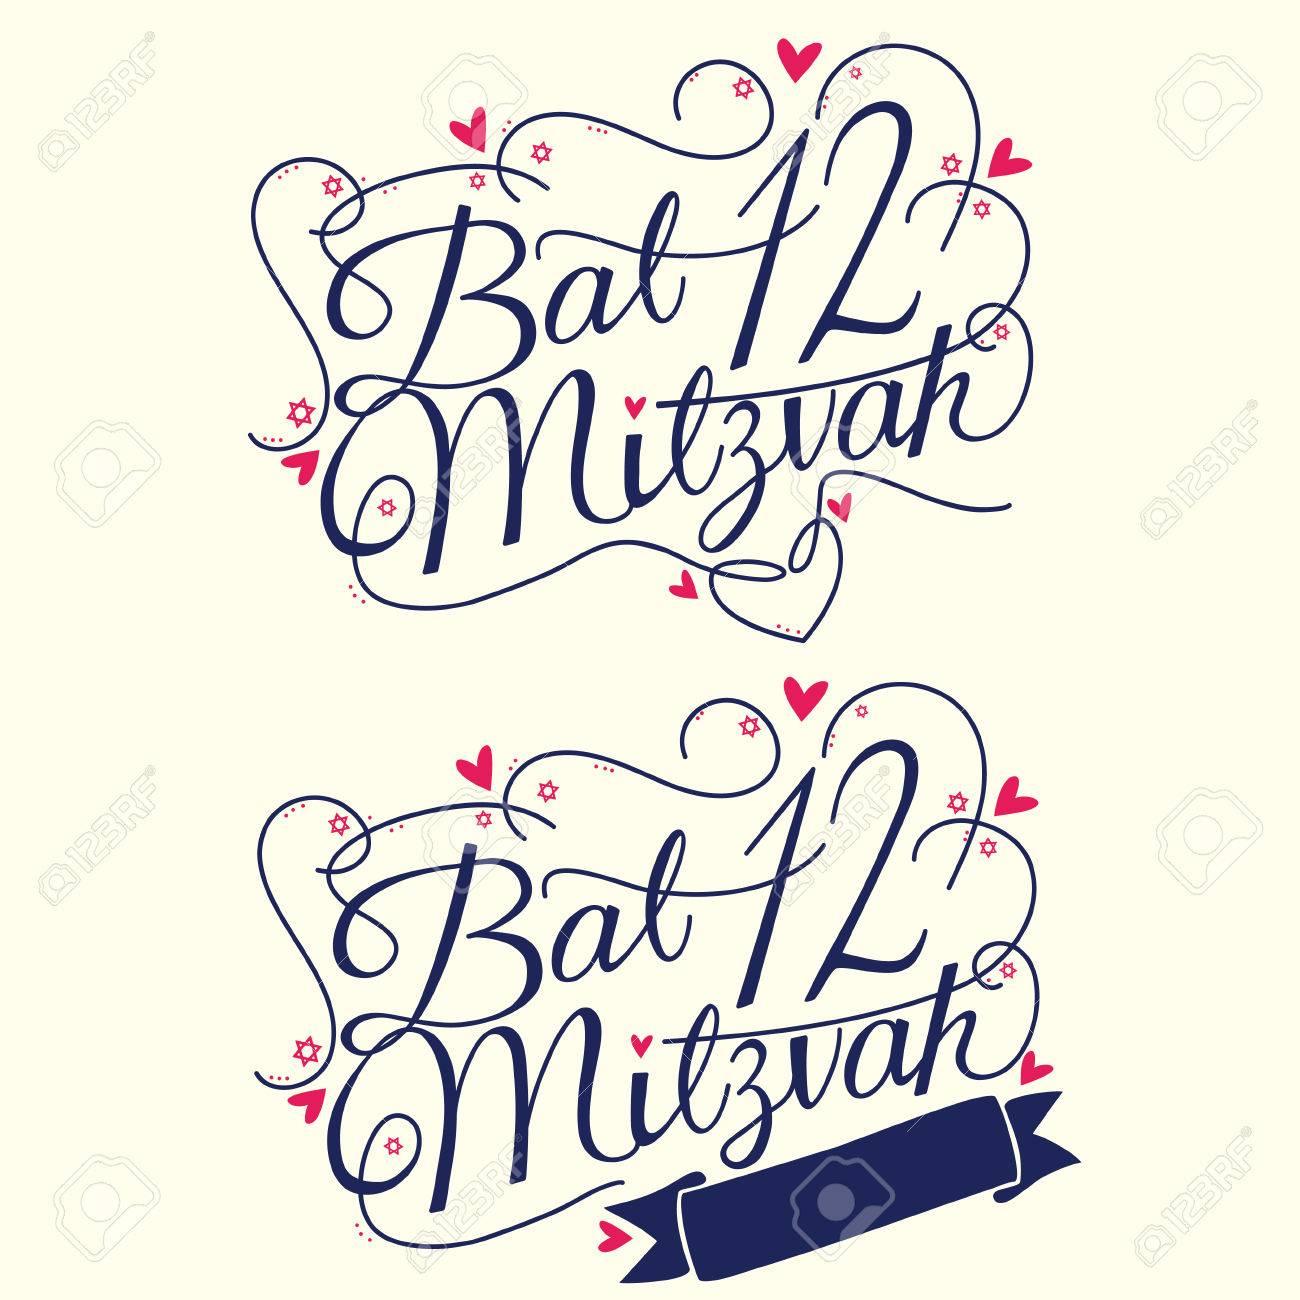 Typographic illustration of handwritten bat mitzvah for design typographic illustration of handwritten bat mitzvah for design invitation and greeting card for jewish bat m4hsunfo